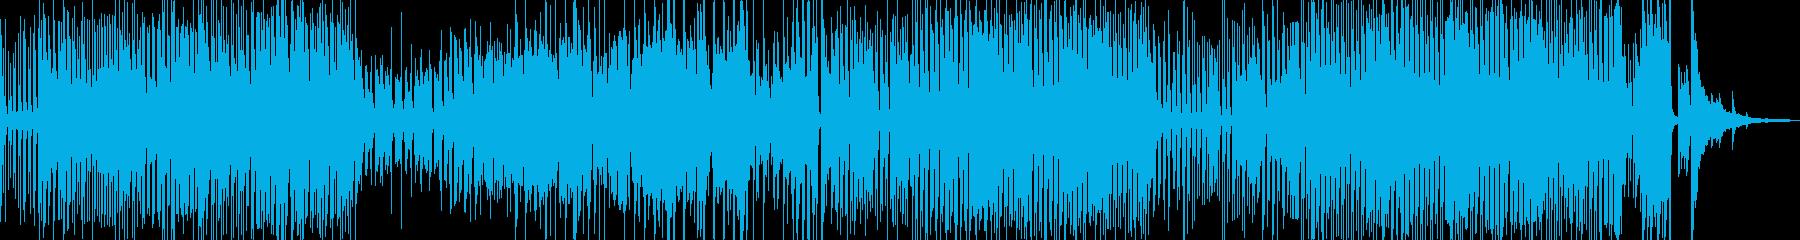 披露宴・三味線&尺八の宴ジャズ 軽快の再生済みの波形